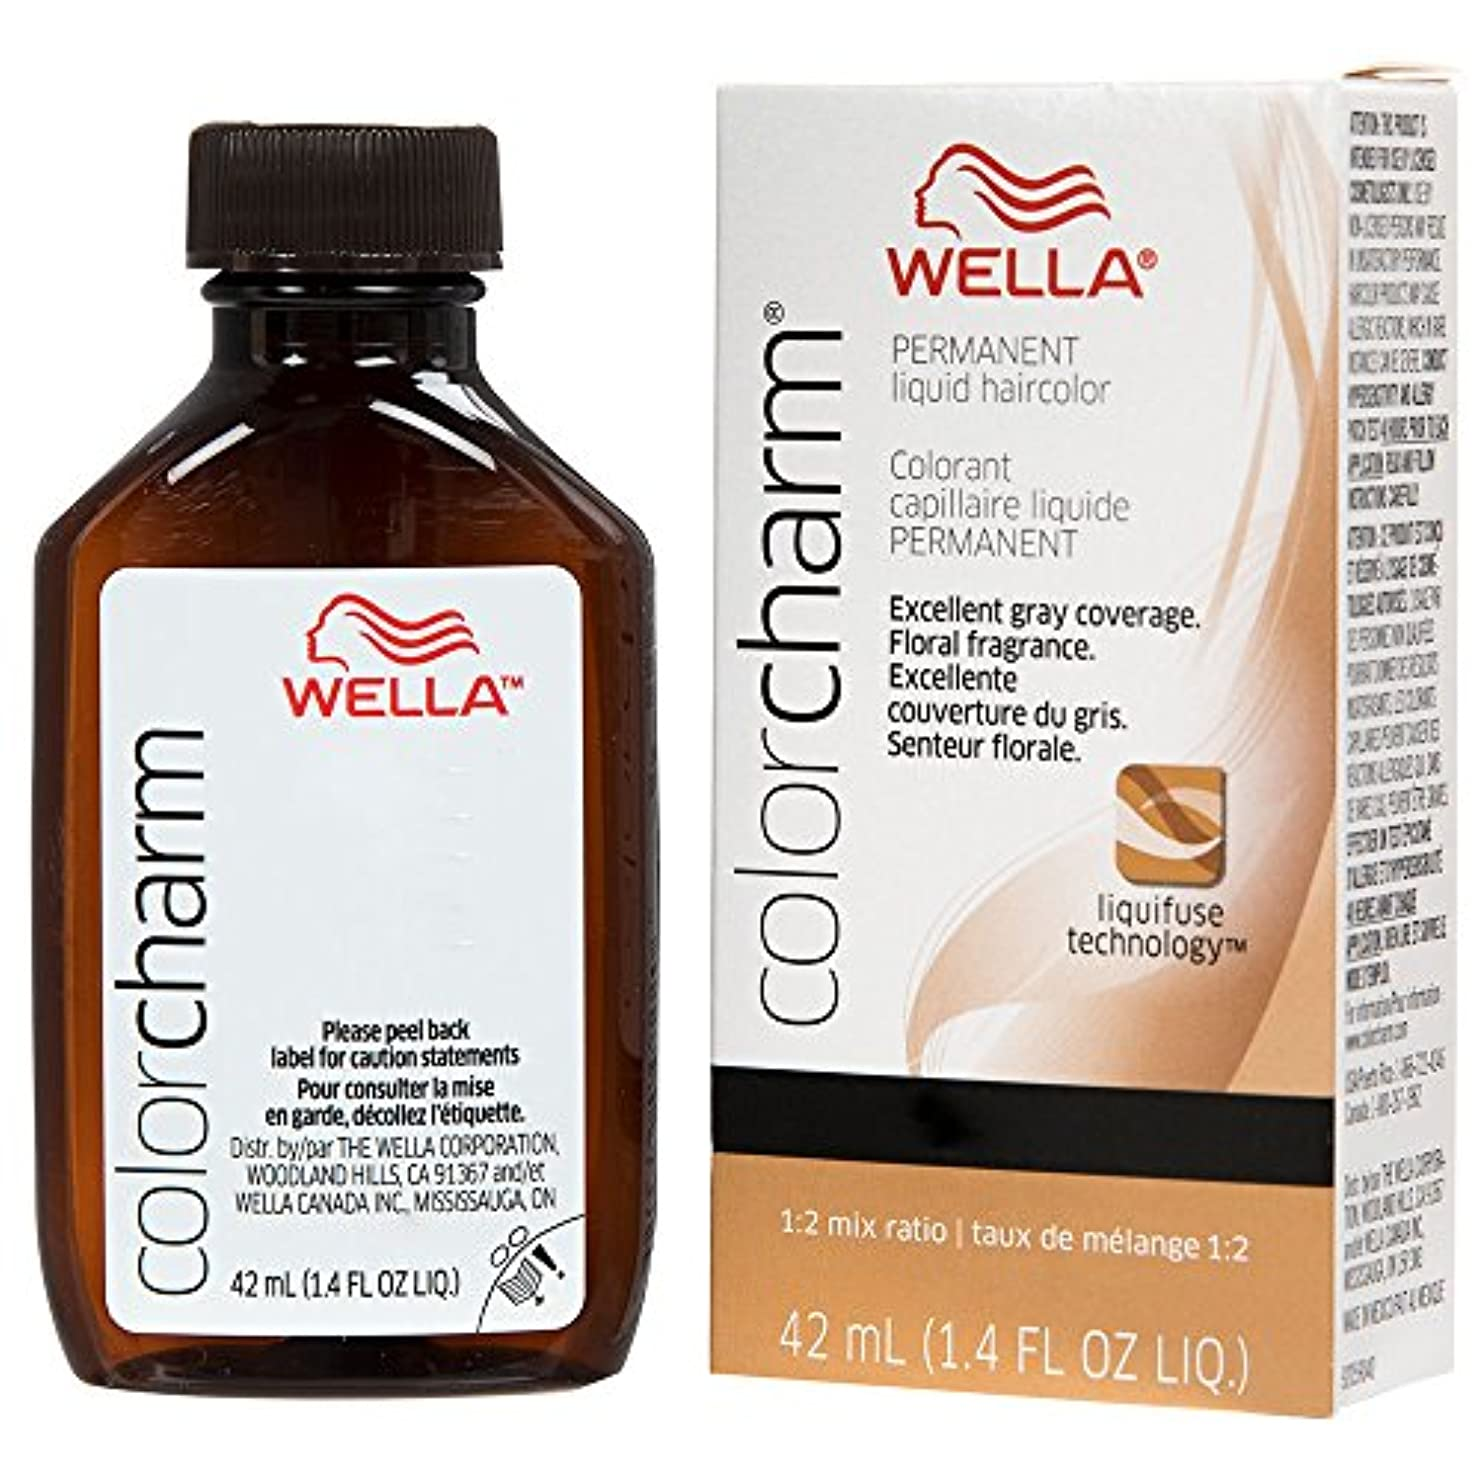 ファックス小麦粉塩Wella チャーム液体ヘアカラー、1200 / 12Nブロンド超ペール 1.4オンス #1200 / 12Nブロンド超ペール